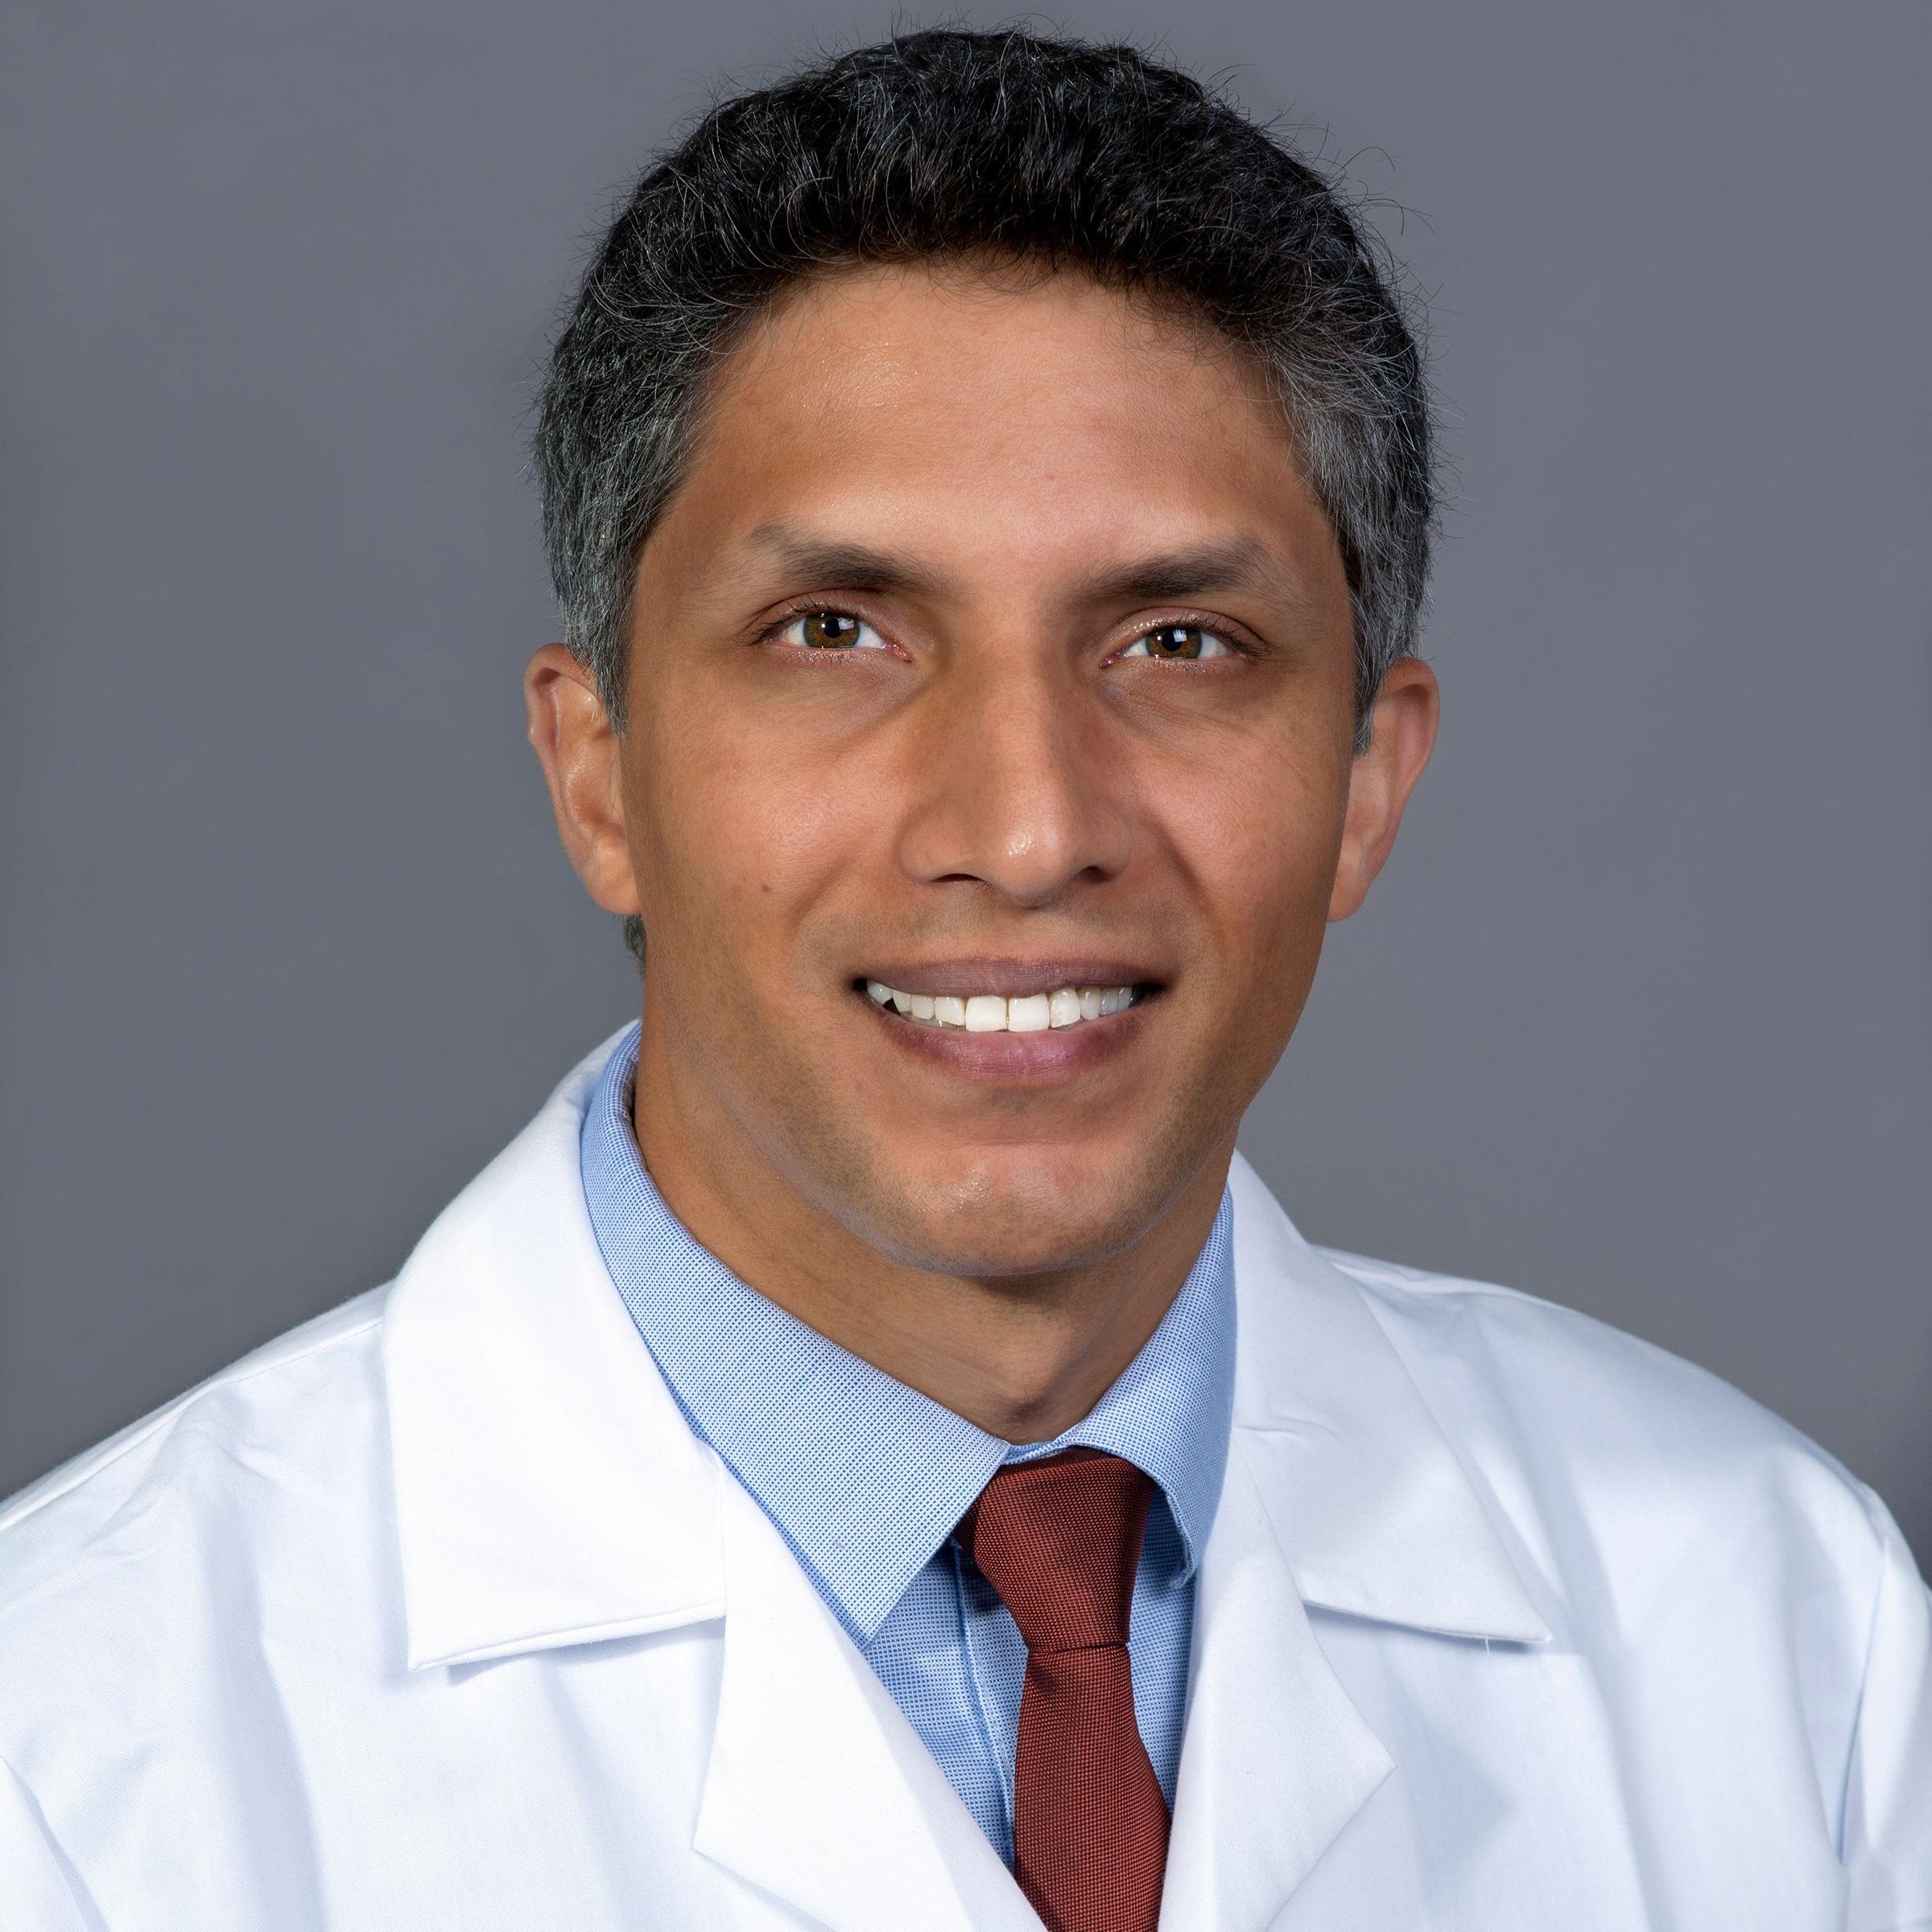 Asad R. Siddiqi